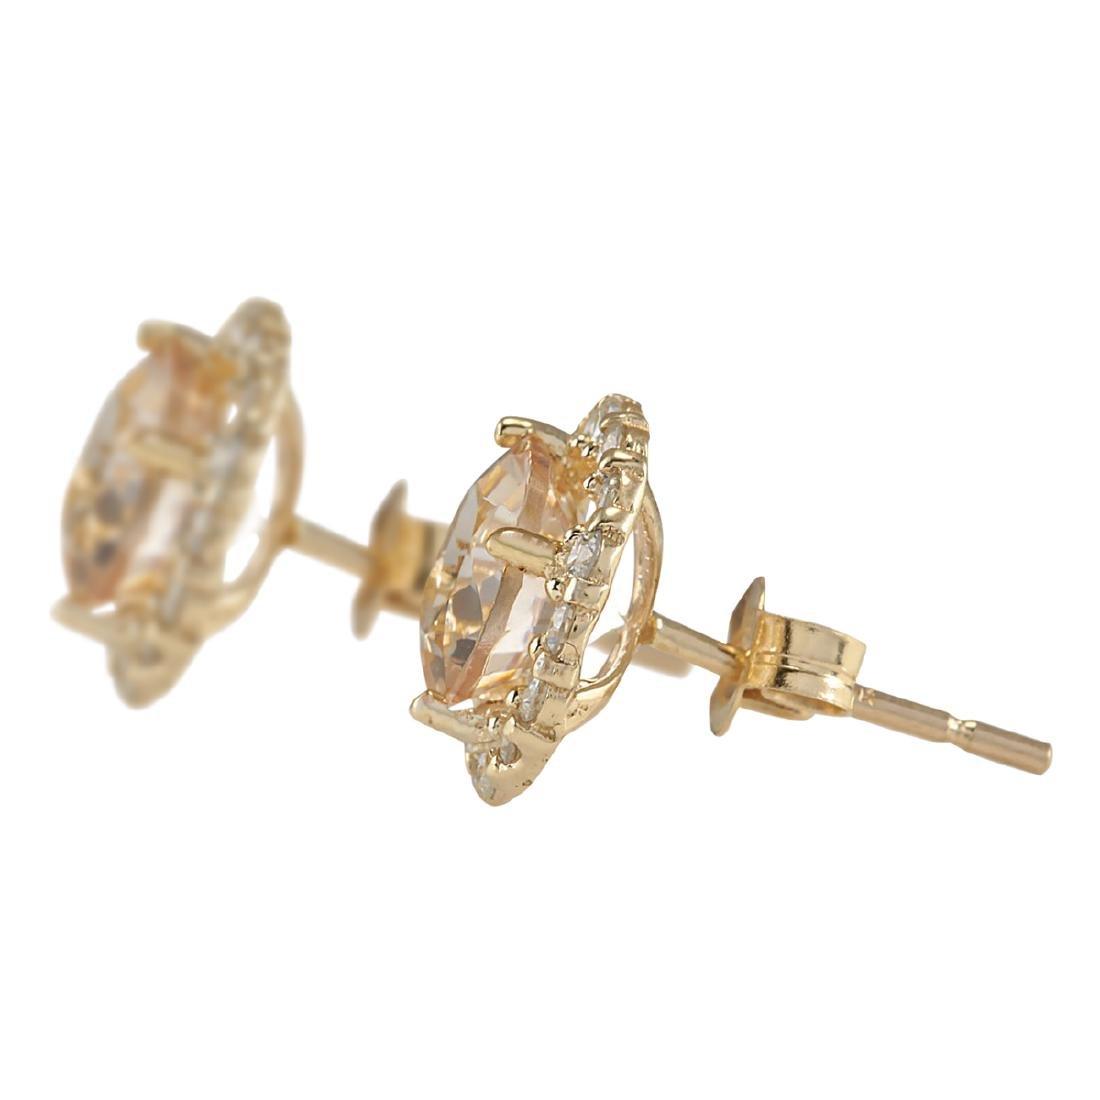 3.65 CTW Natural Morganite And Diamond Earrings 18K - 2